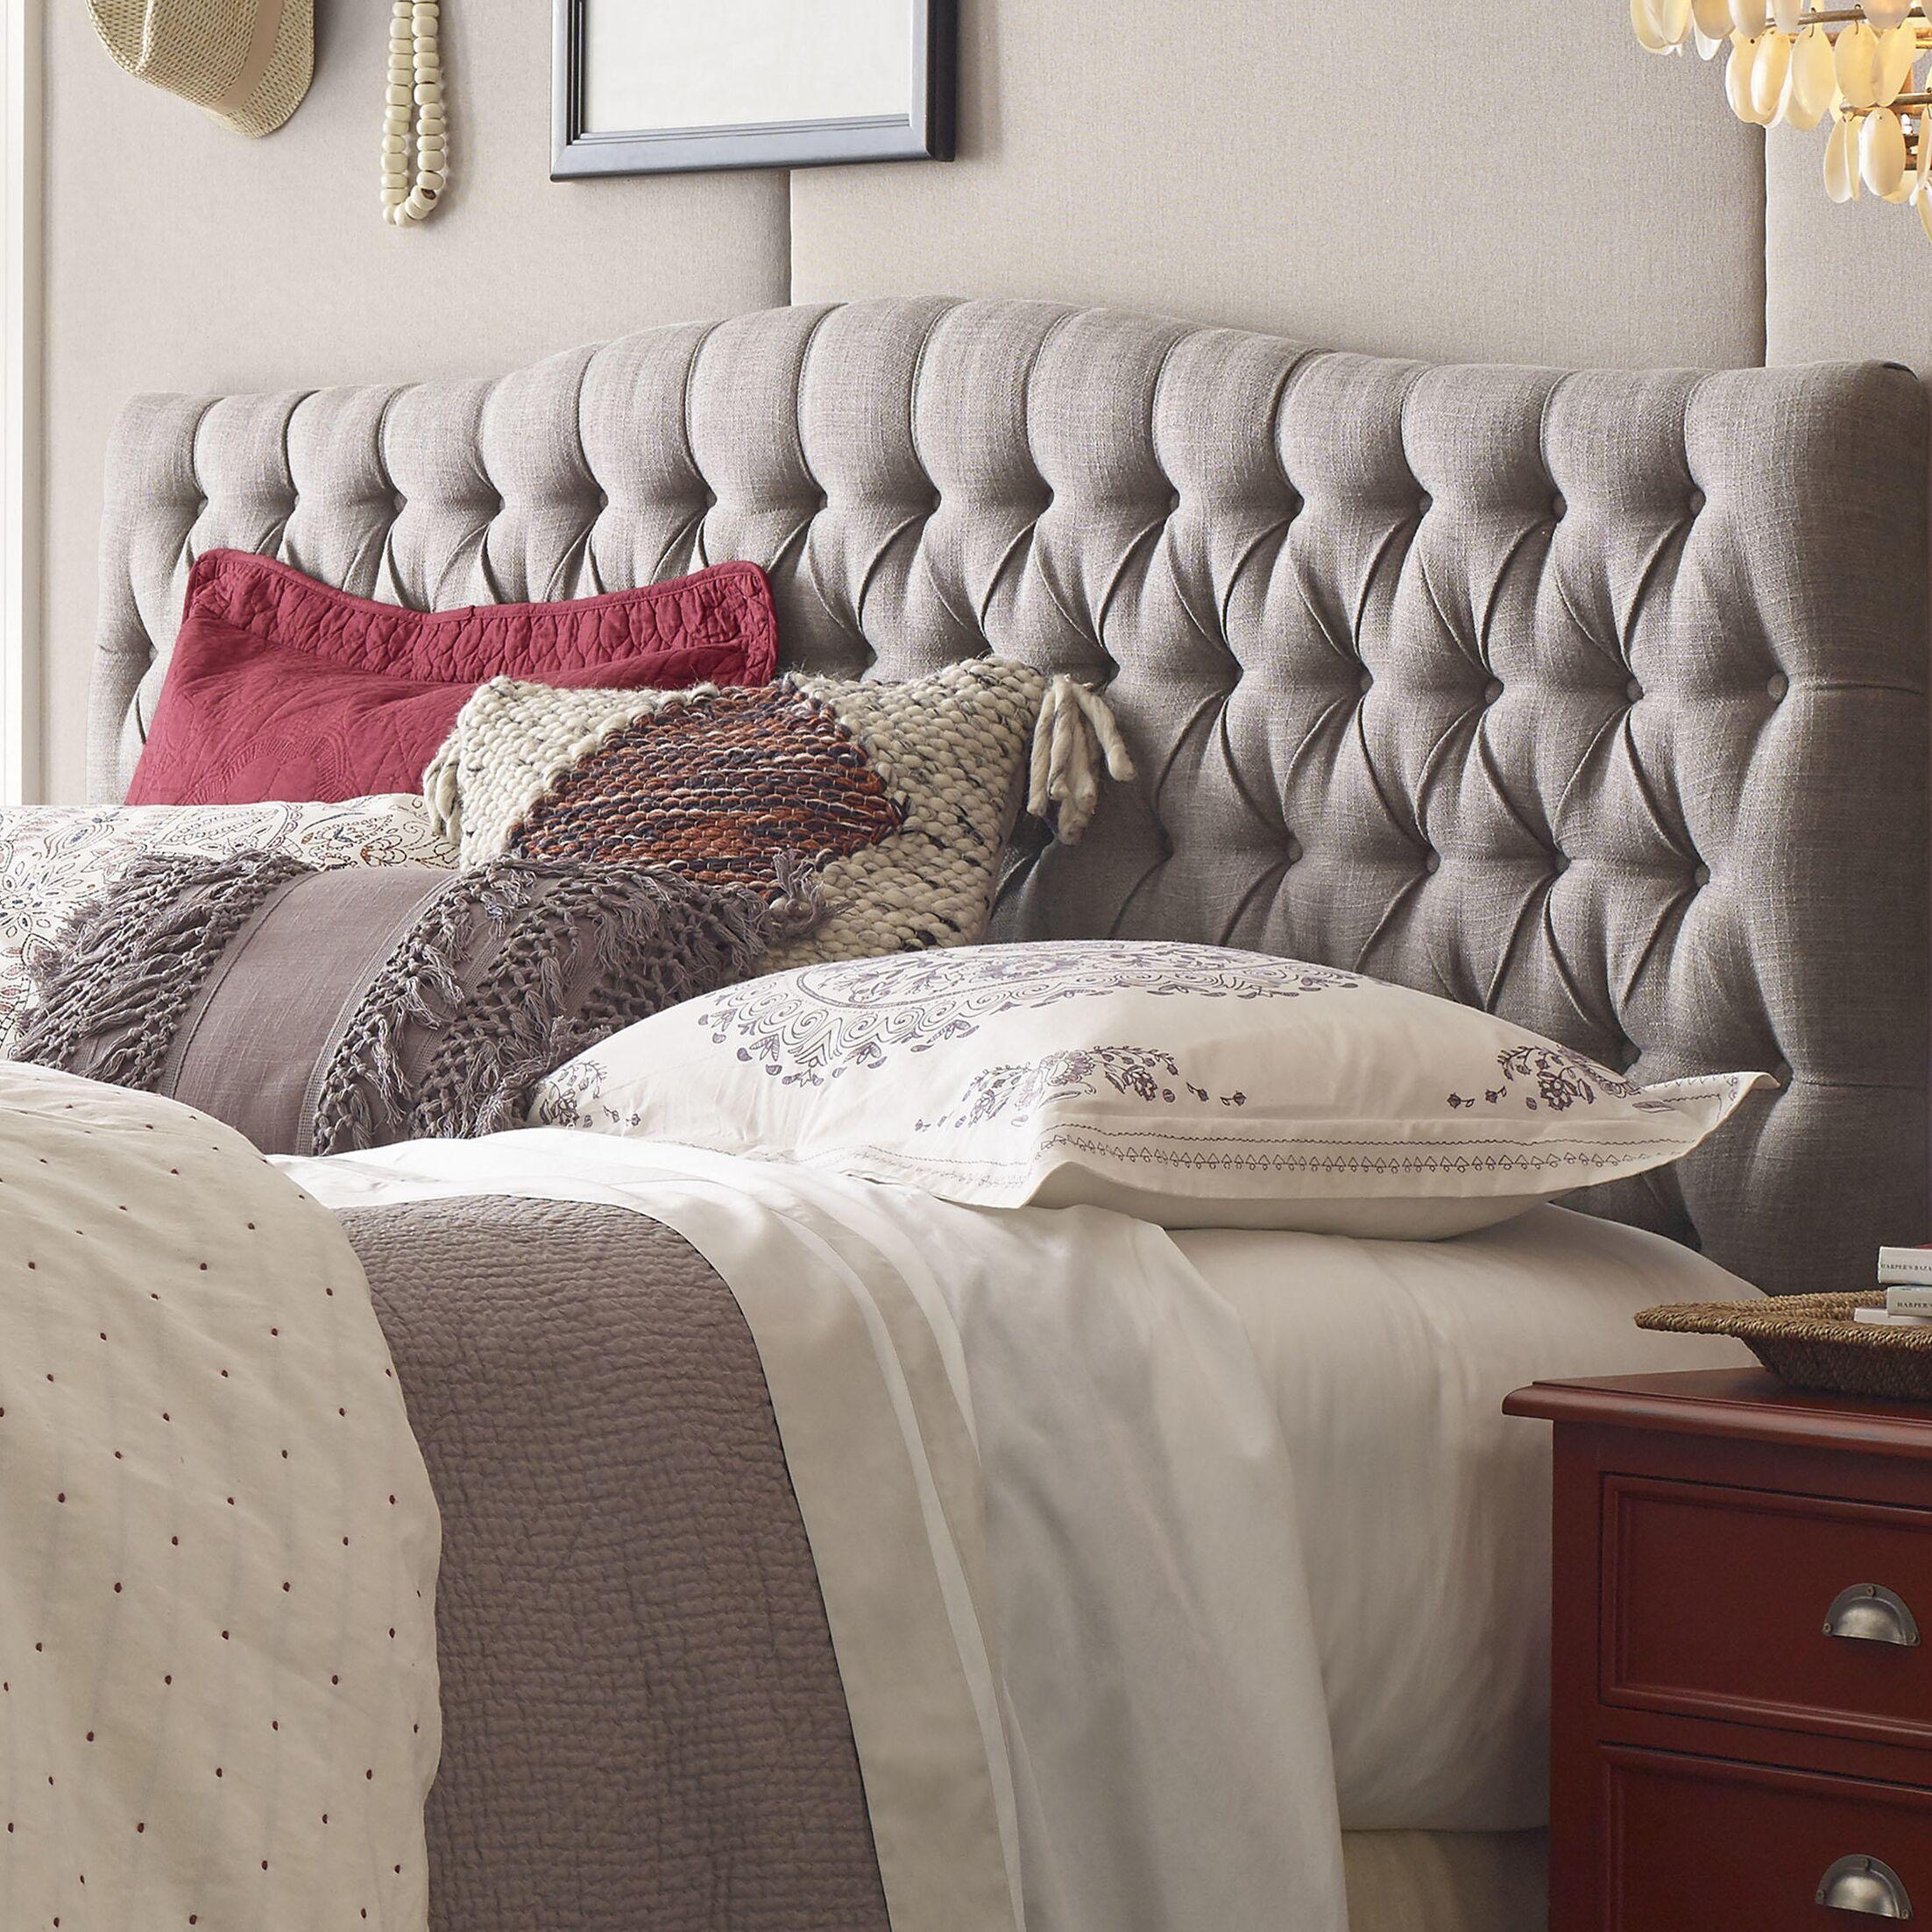 Celeste Upholstered Panel Headboard Upholstery: Brown, Size: King